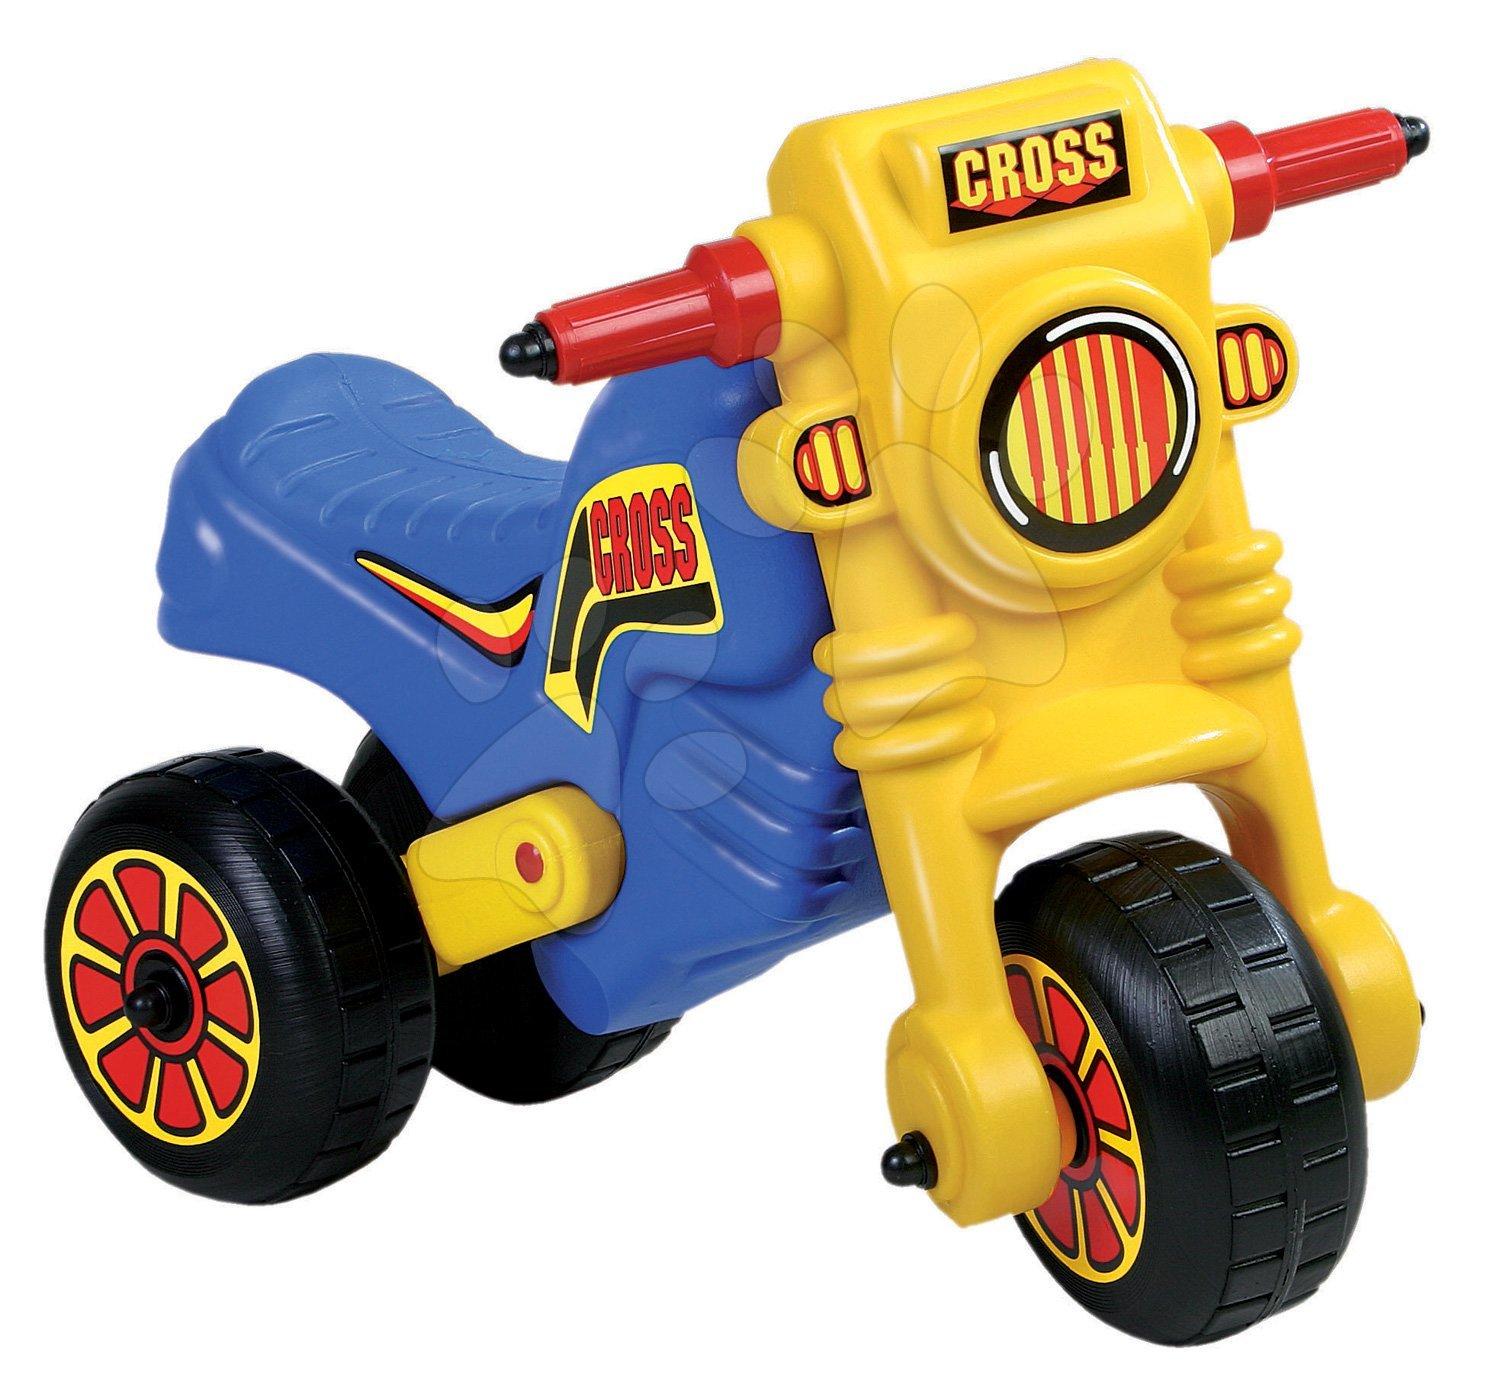 Motorky - Velké odrážedlo Cross Dohány modro-žluté